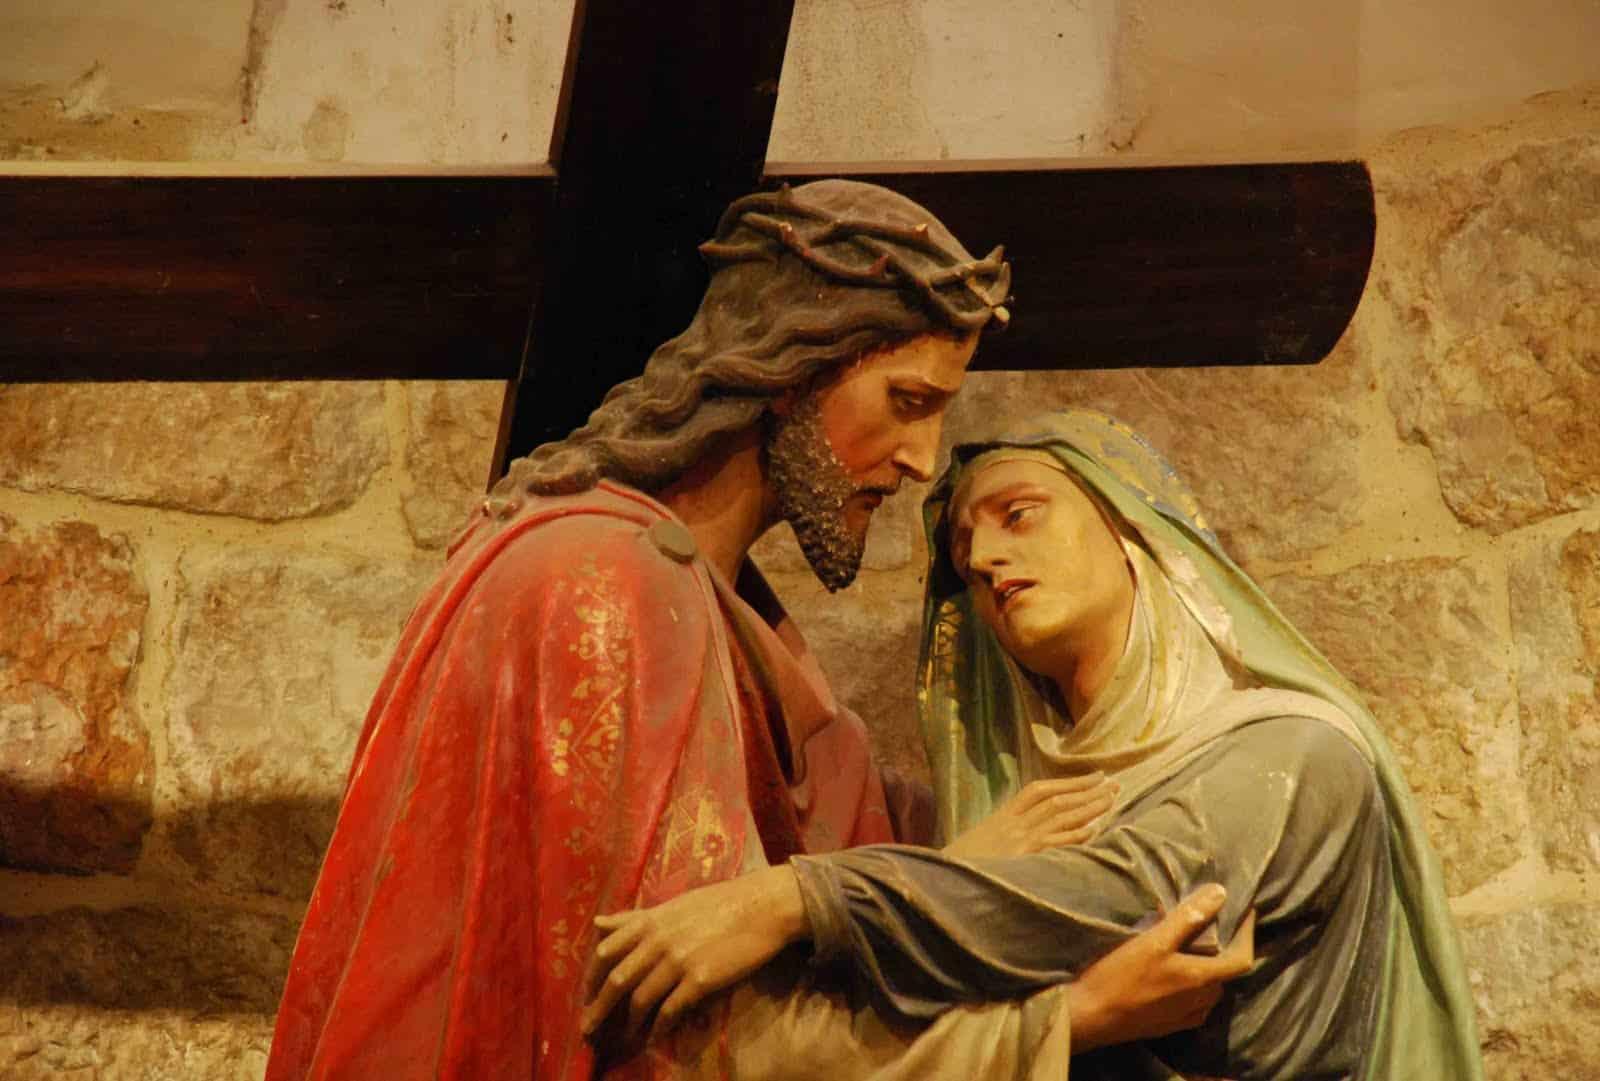 Semana Santa, o que é? História da origem dessa data popular